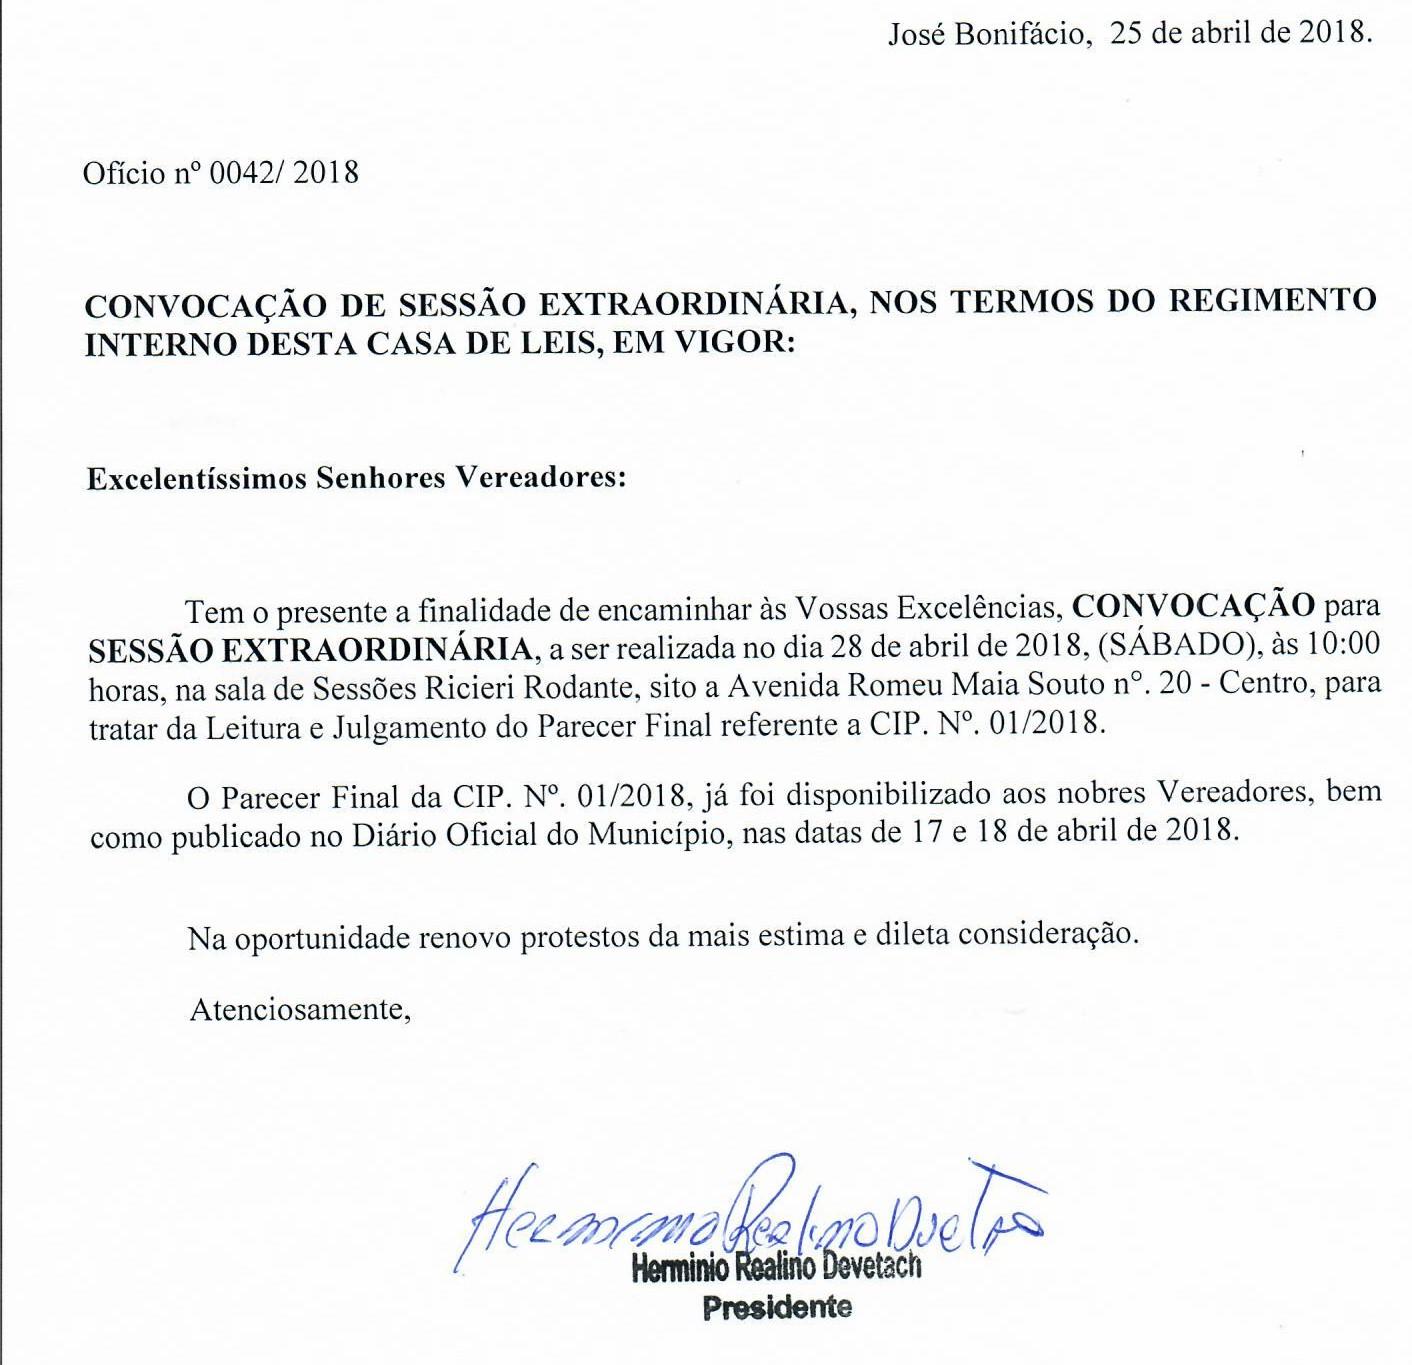 CÂMARA DE JOSÉ BONIFÁCIO REALIZA SESSÃO EXTRAORDINÁRIA DO DIA 28/04/2018 ÀS 10H00: ABERTA AO PÚBLICO